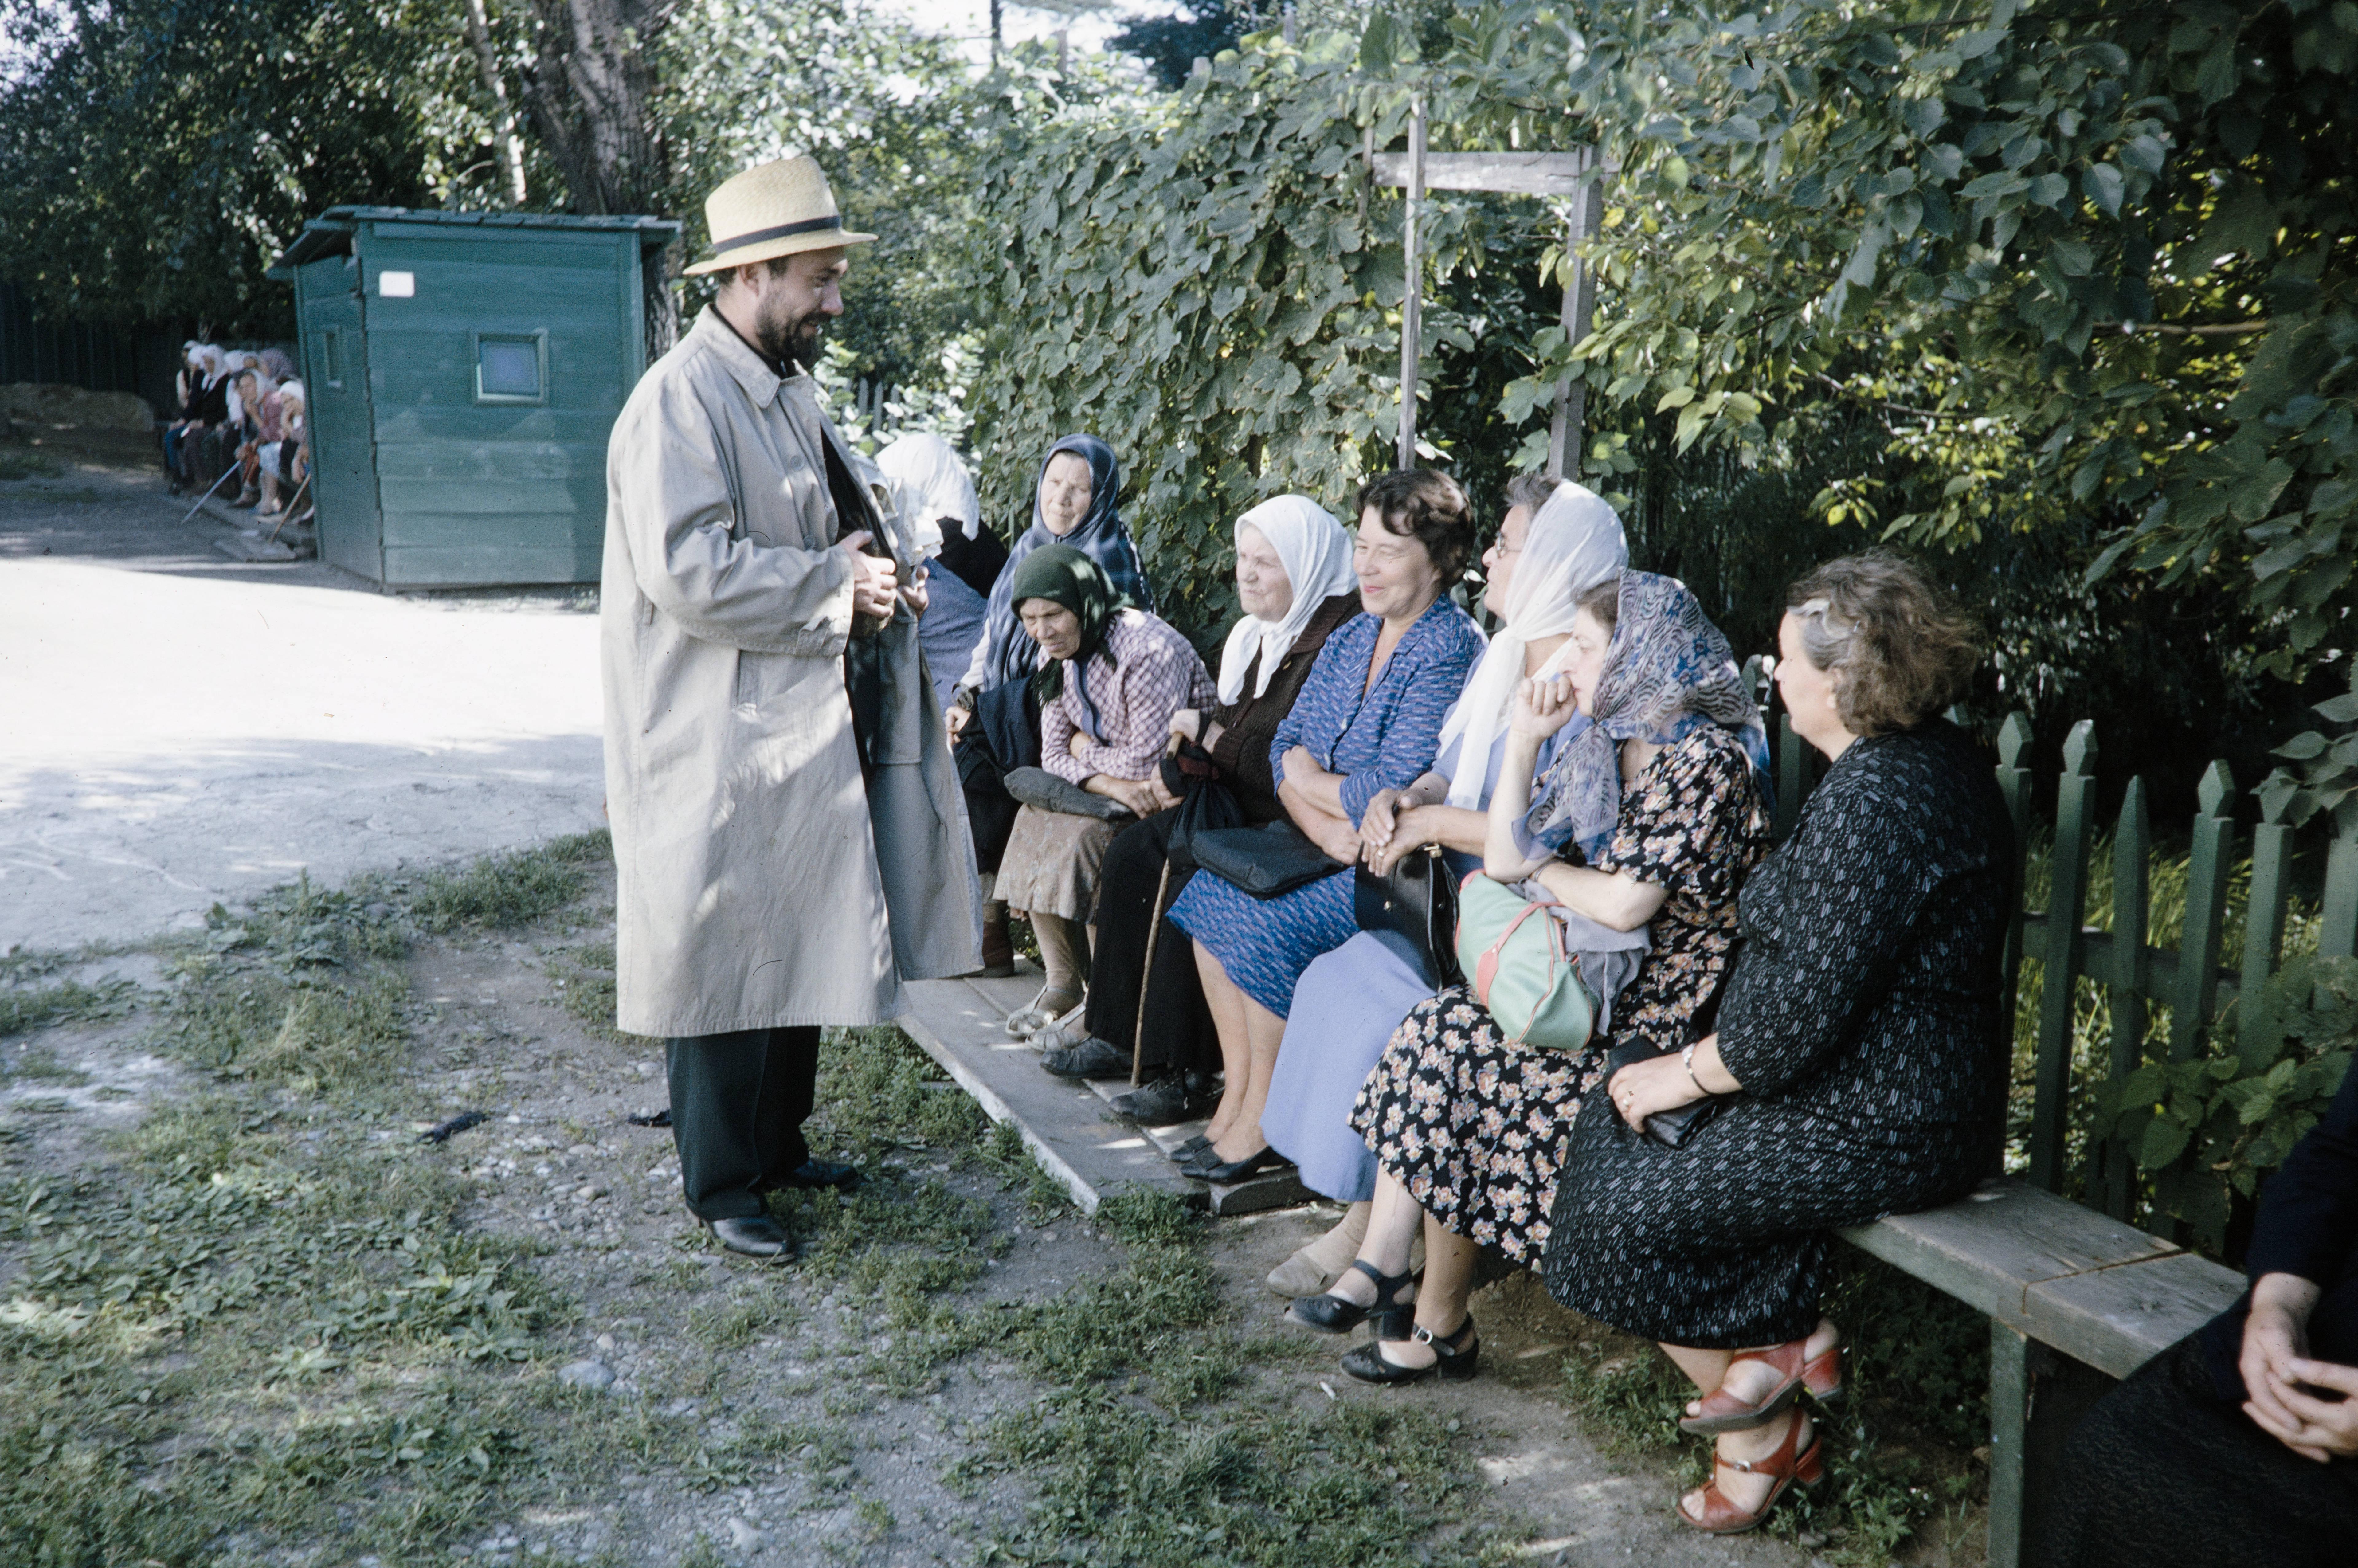 Священник говорит с прихожанами (возможно, что не Иркутск)